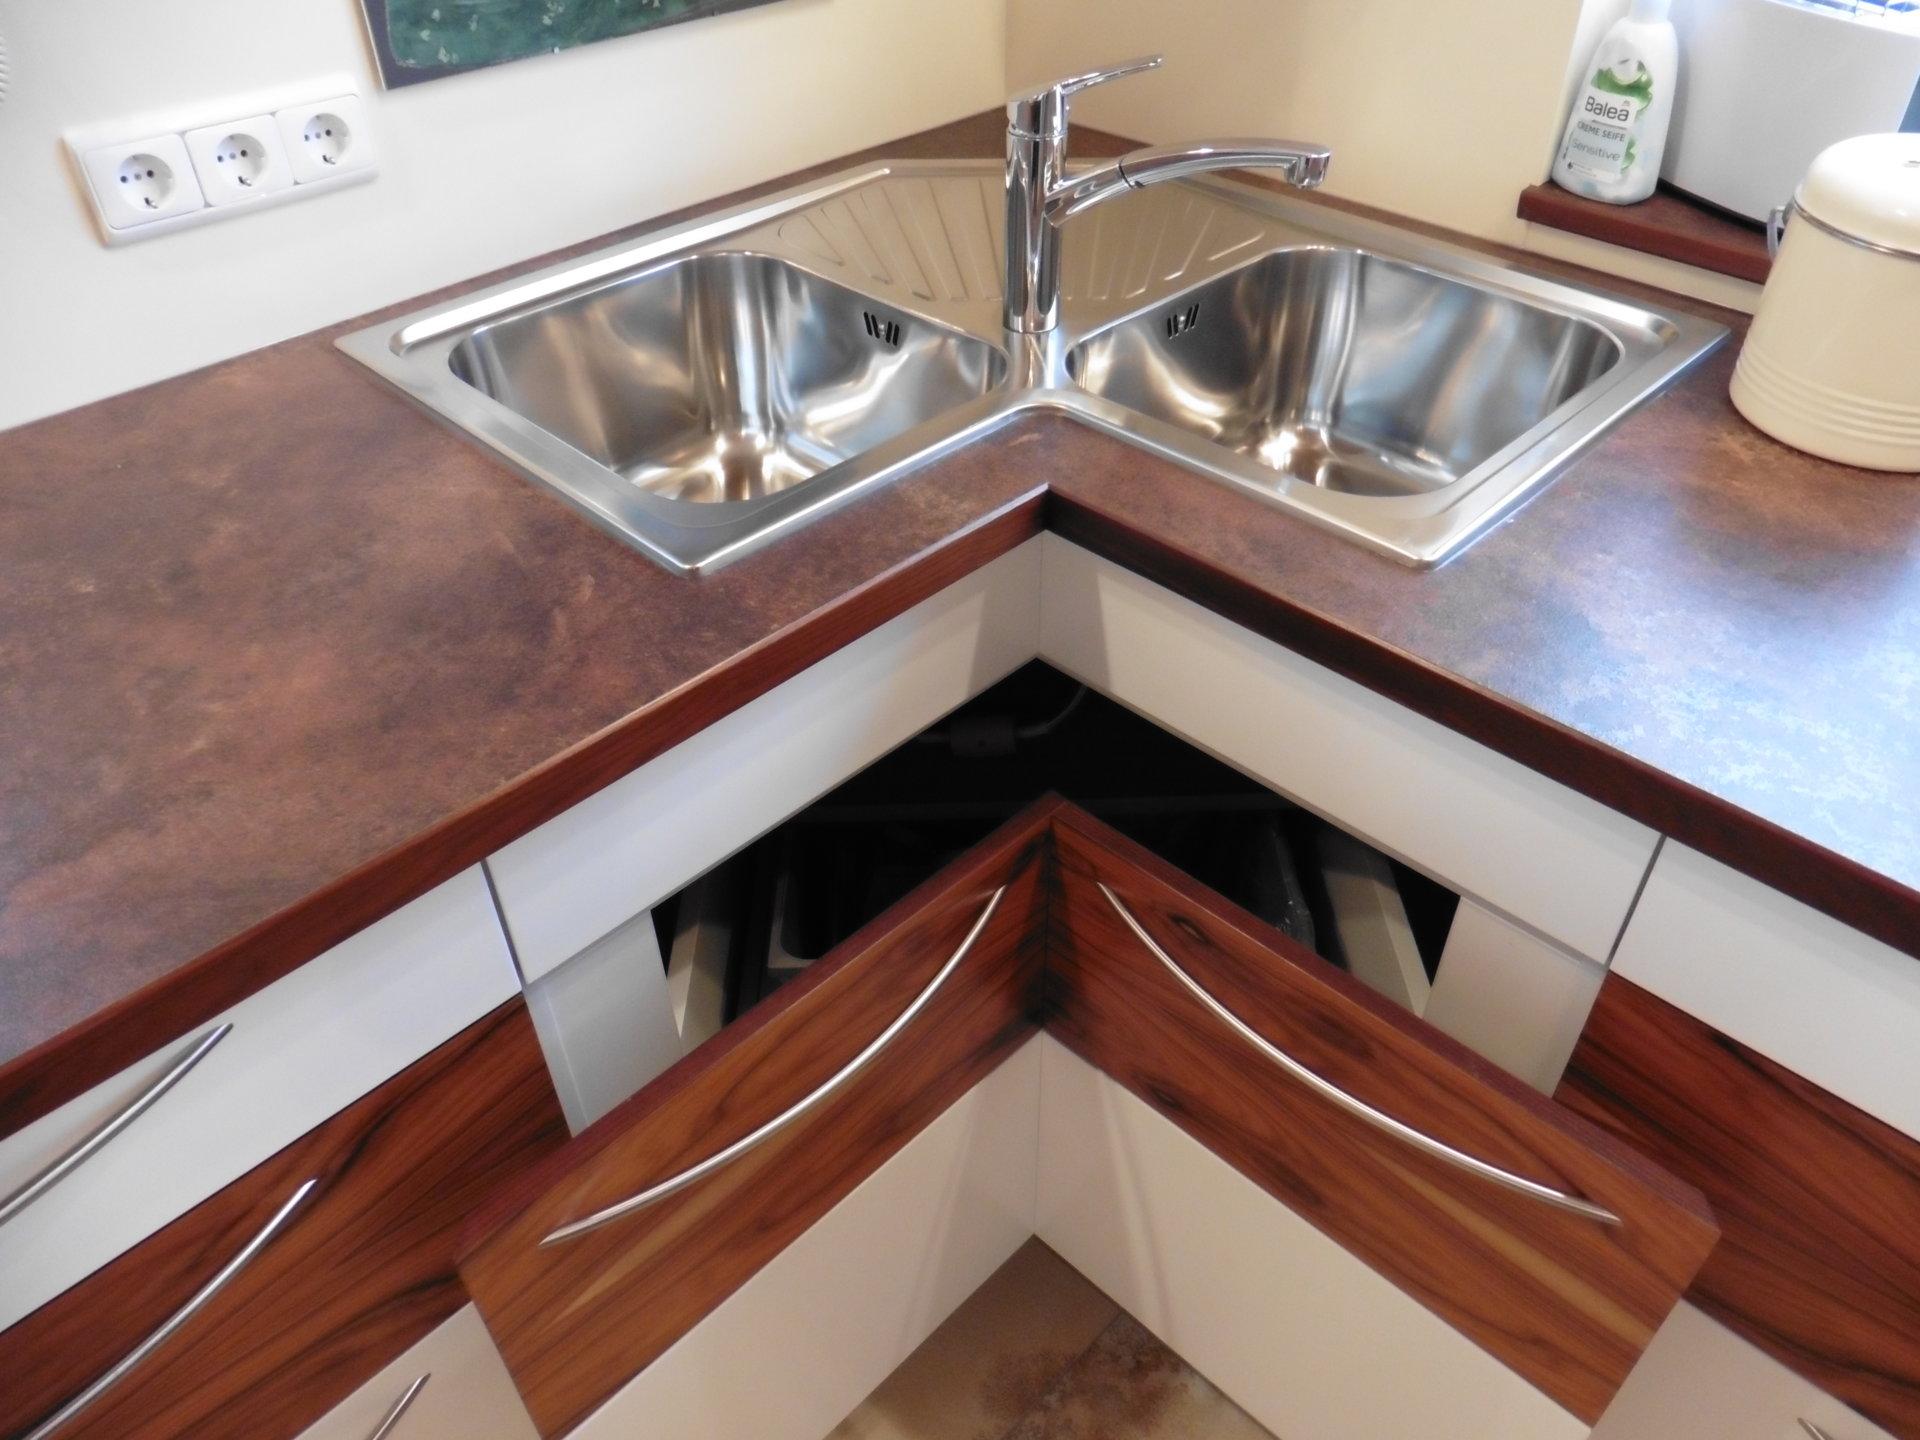 Wohnraumgestaltung Küche | Schreinerei Haltmaier Saal Wohnraumgestaltung